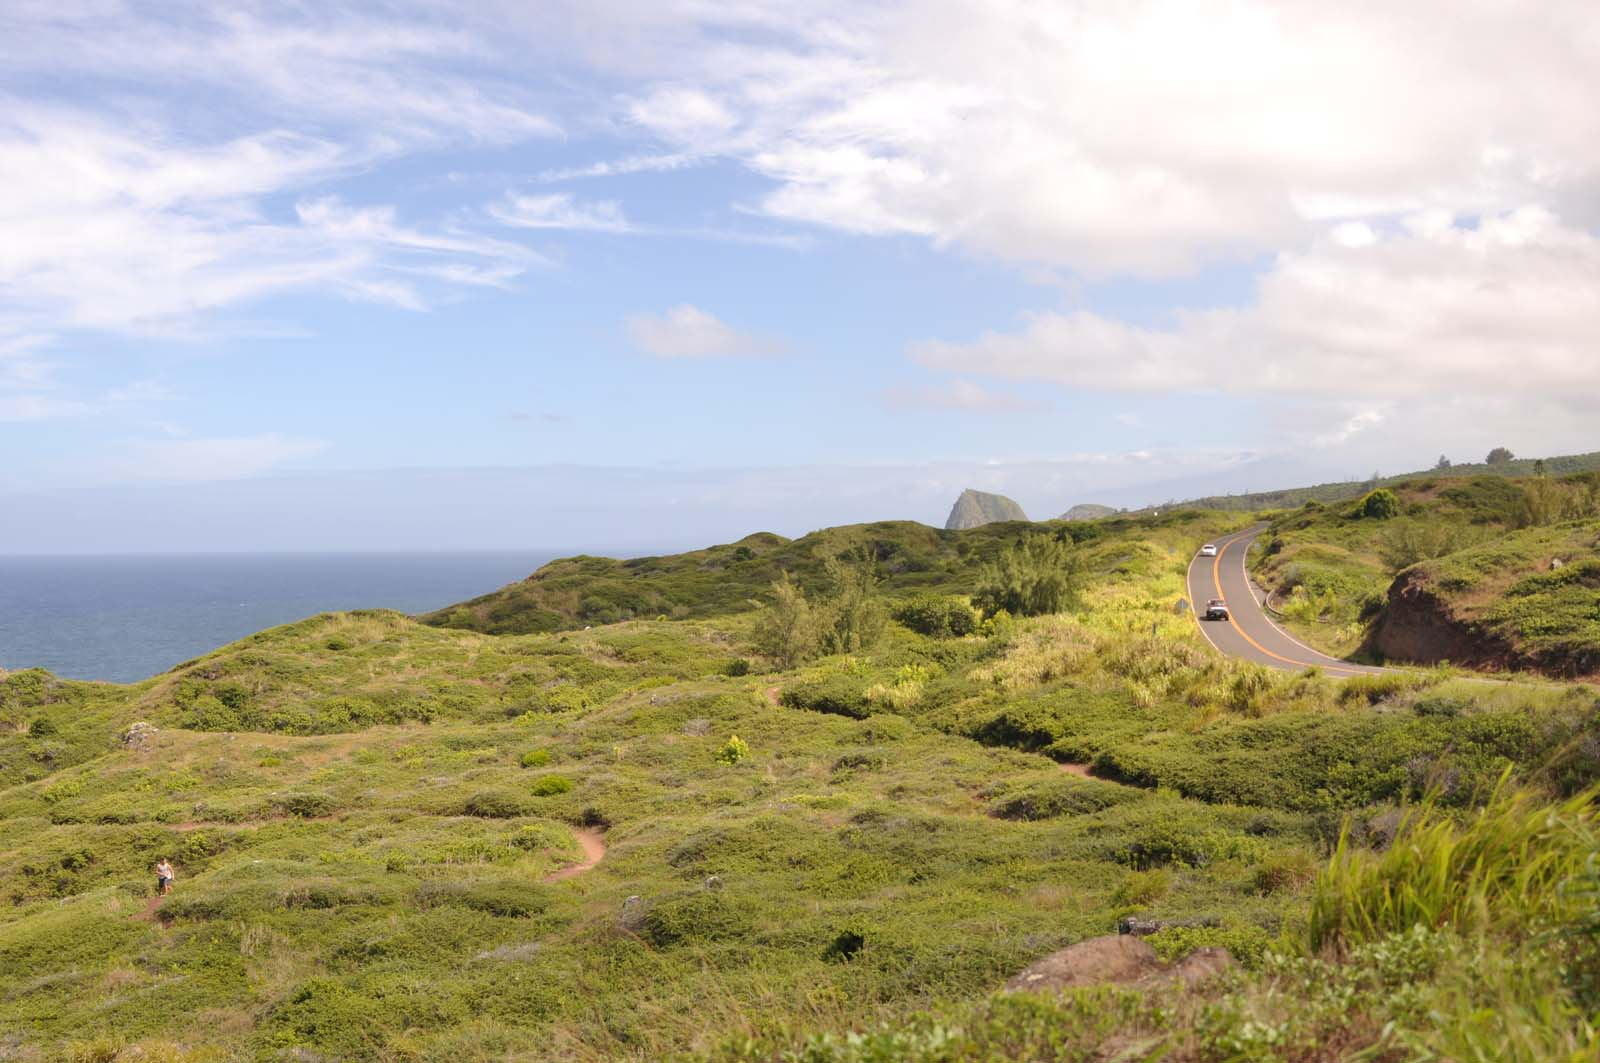 031_west_coast_maui_hawaii